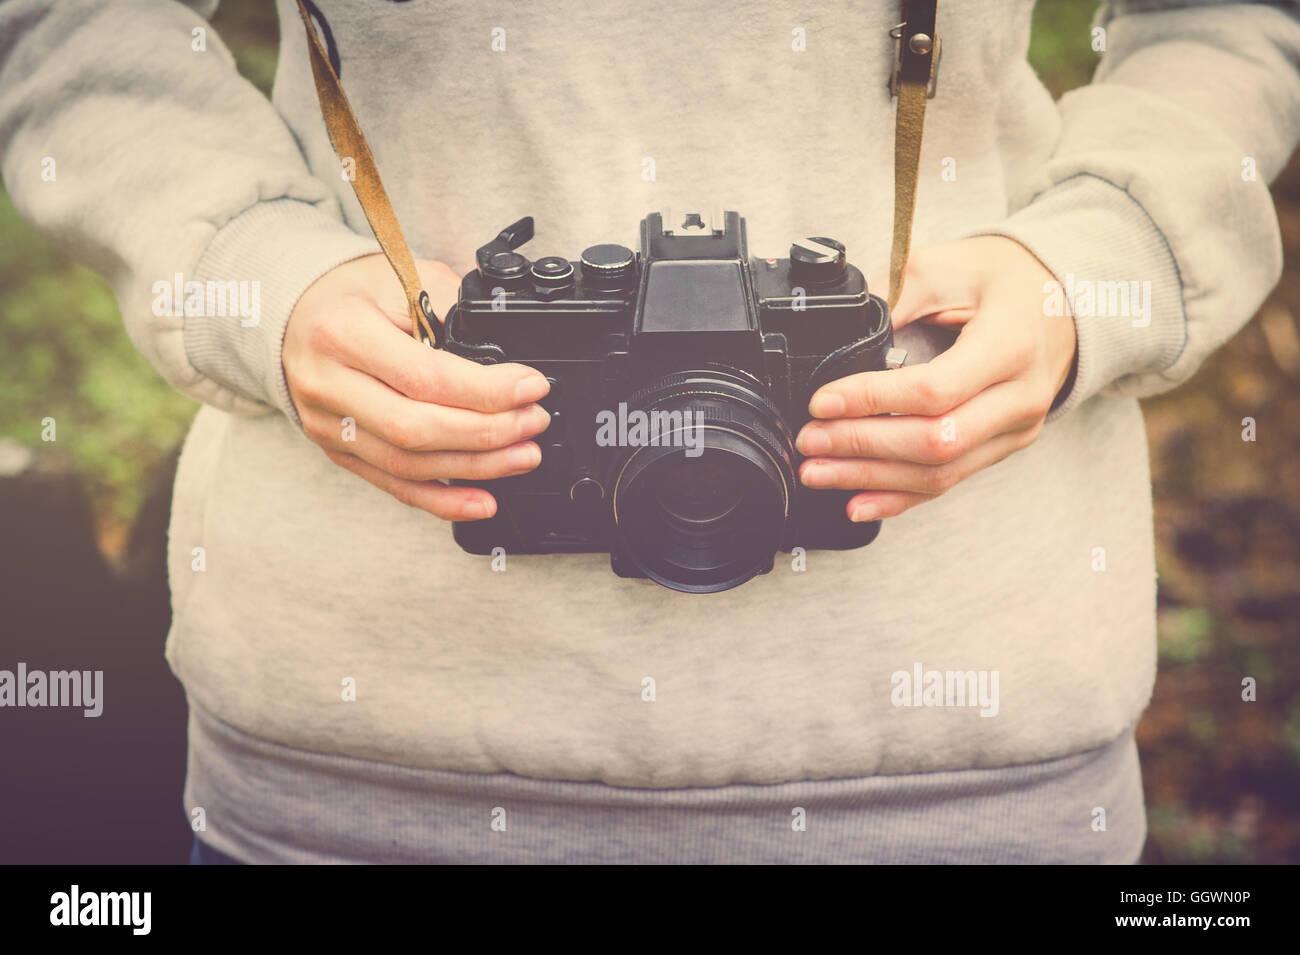 Donna mani retrò fotocamera foto passeggiate Outdoor Lifestyle hipster concetto di viaggio colori retrò Immagini Stock